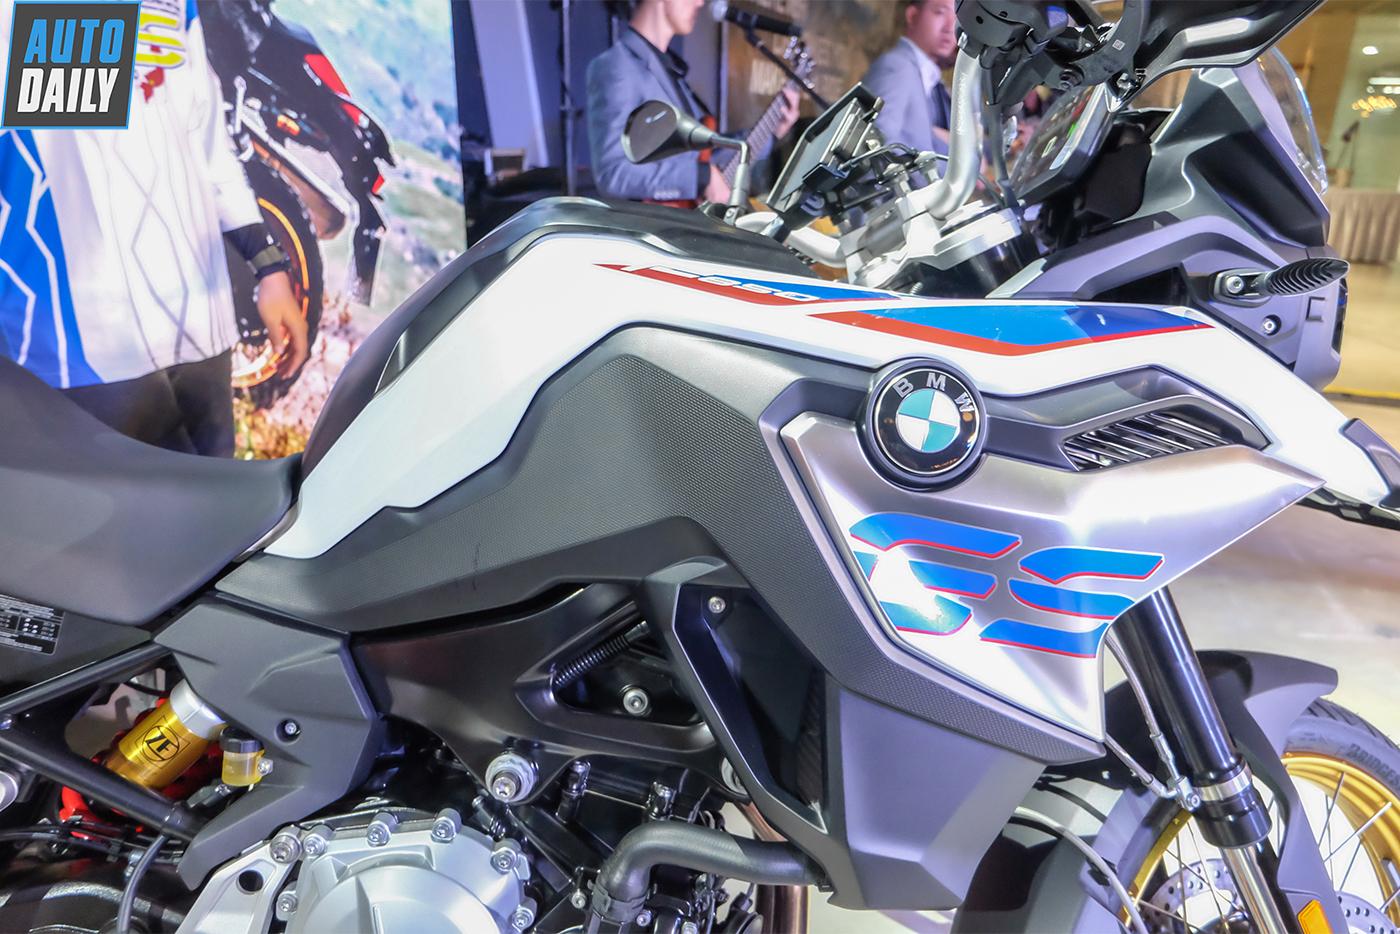 bmw-motorrad-f-850-gs-2019-51.jpg